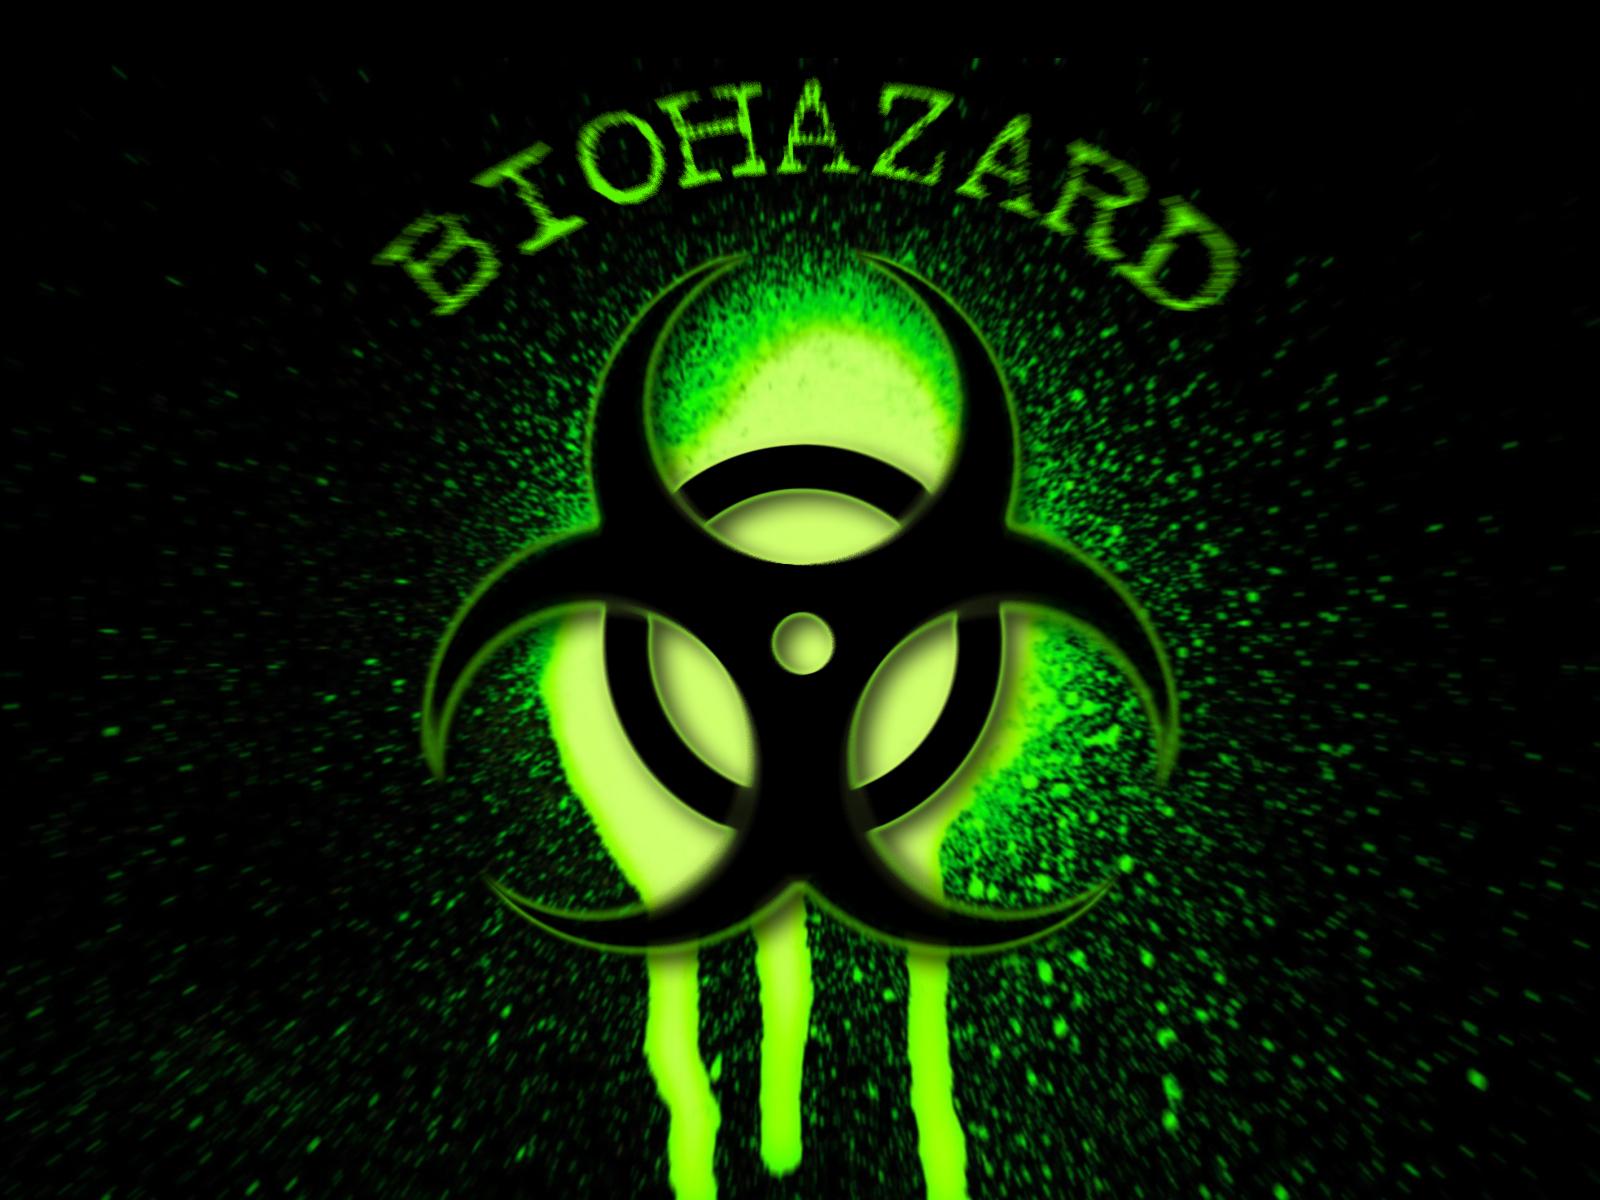 Biohazard wallpaper 1600x1200 182827 WallpaperUP 1600x1200